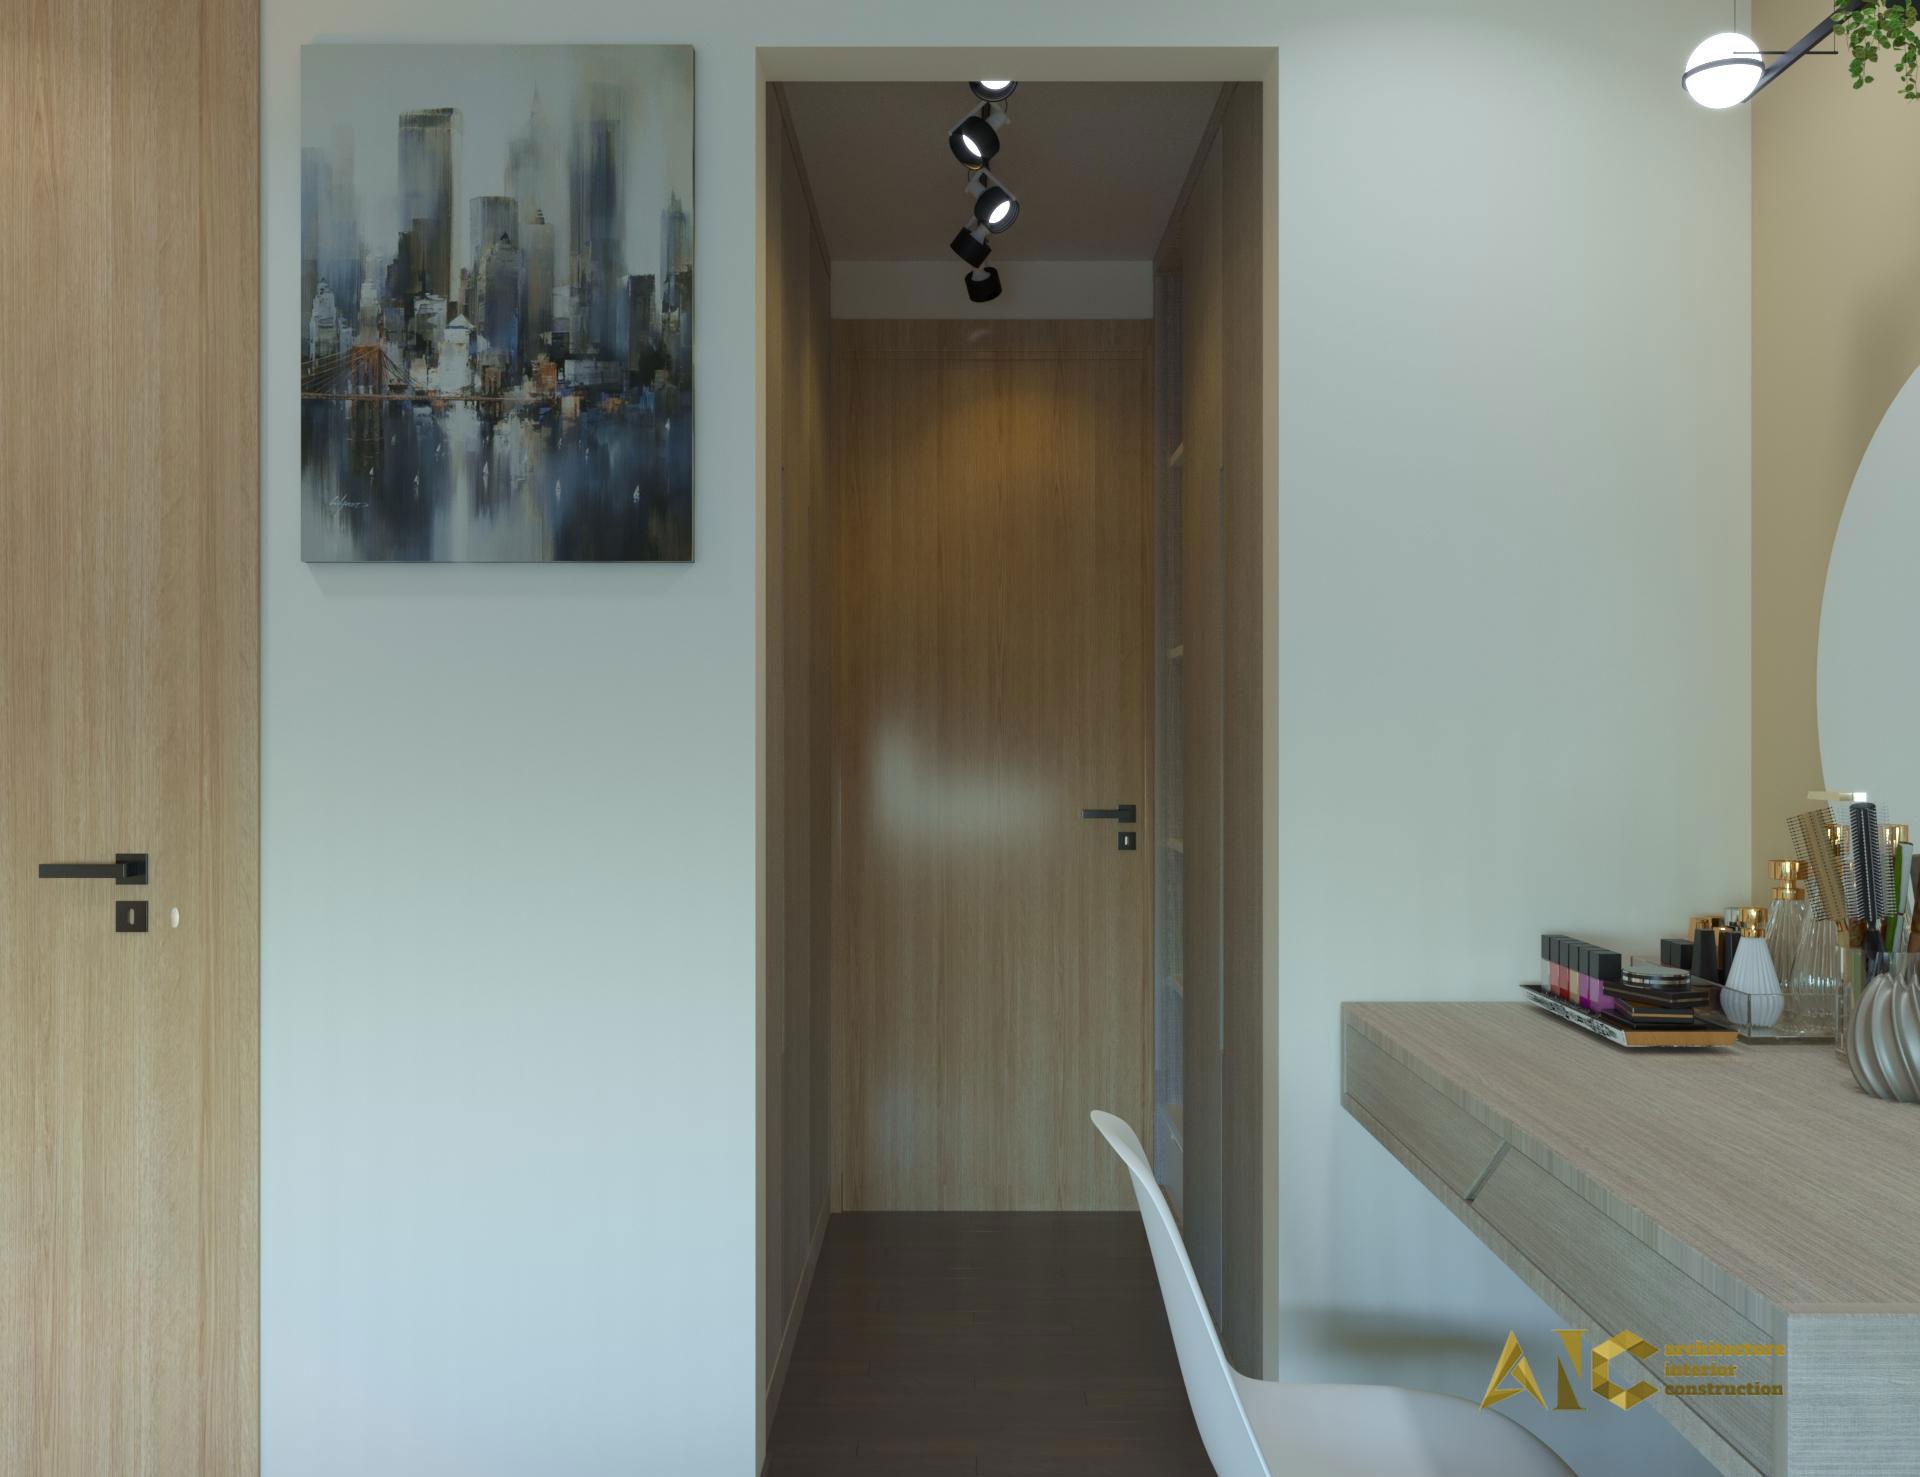 thiết kế và thi công nội thất căn hộ chú Chương - Golden Mansion view 6